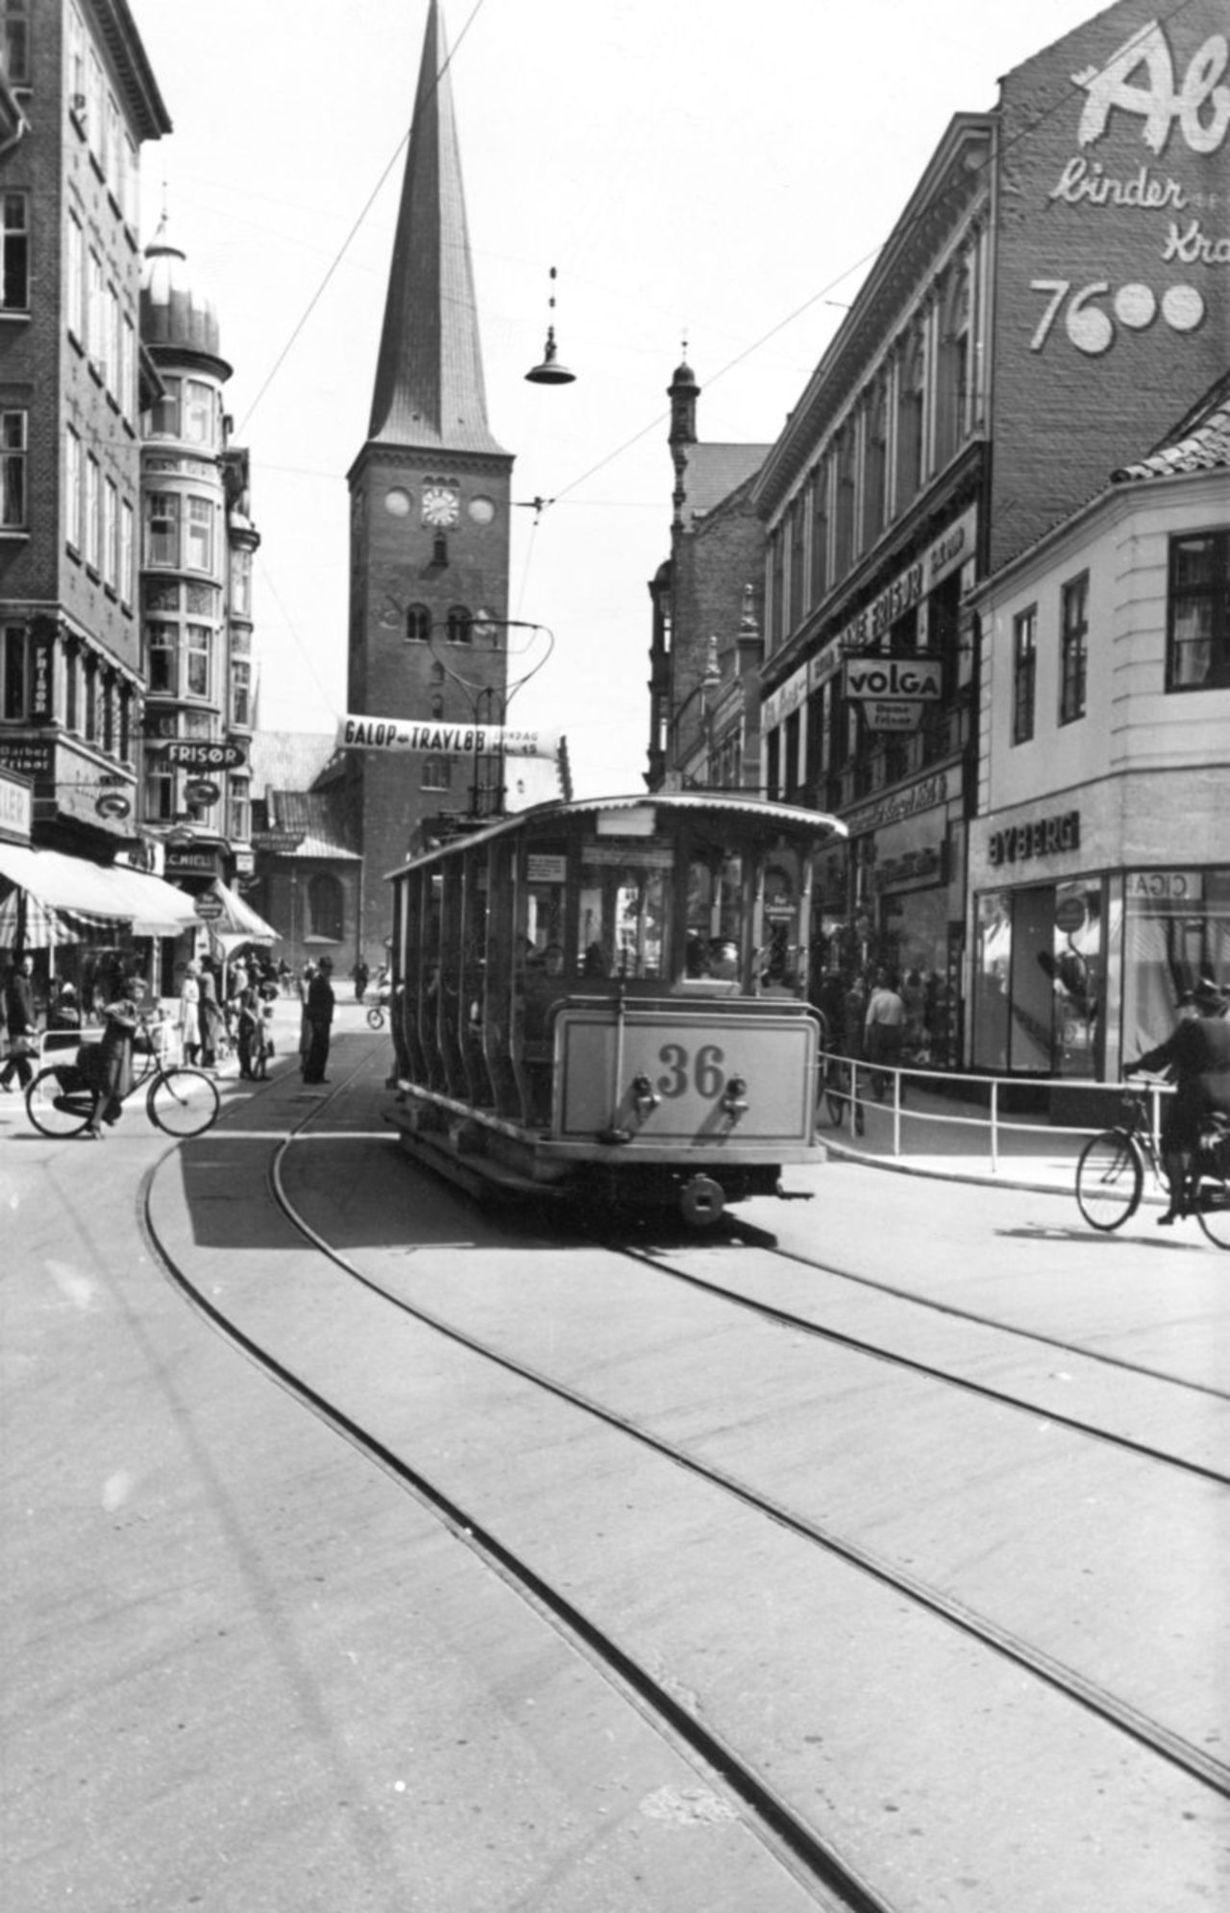 Sadan Sa Aarhus Ud I Gamle Dage Aarhus Danmark Billeder